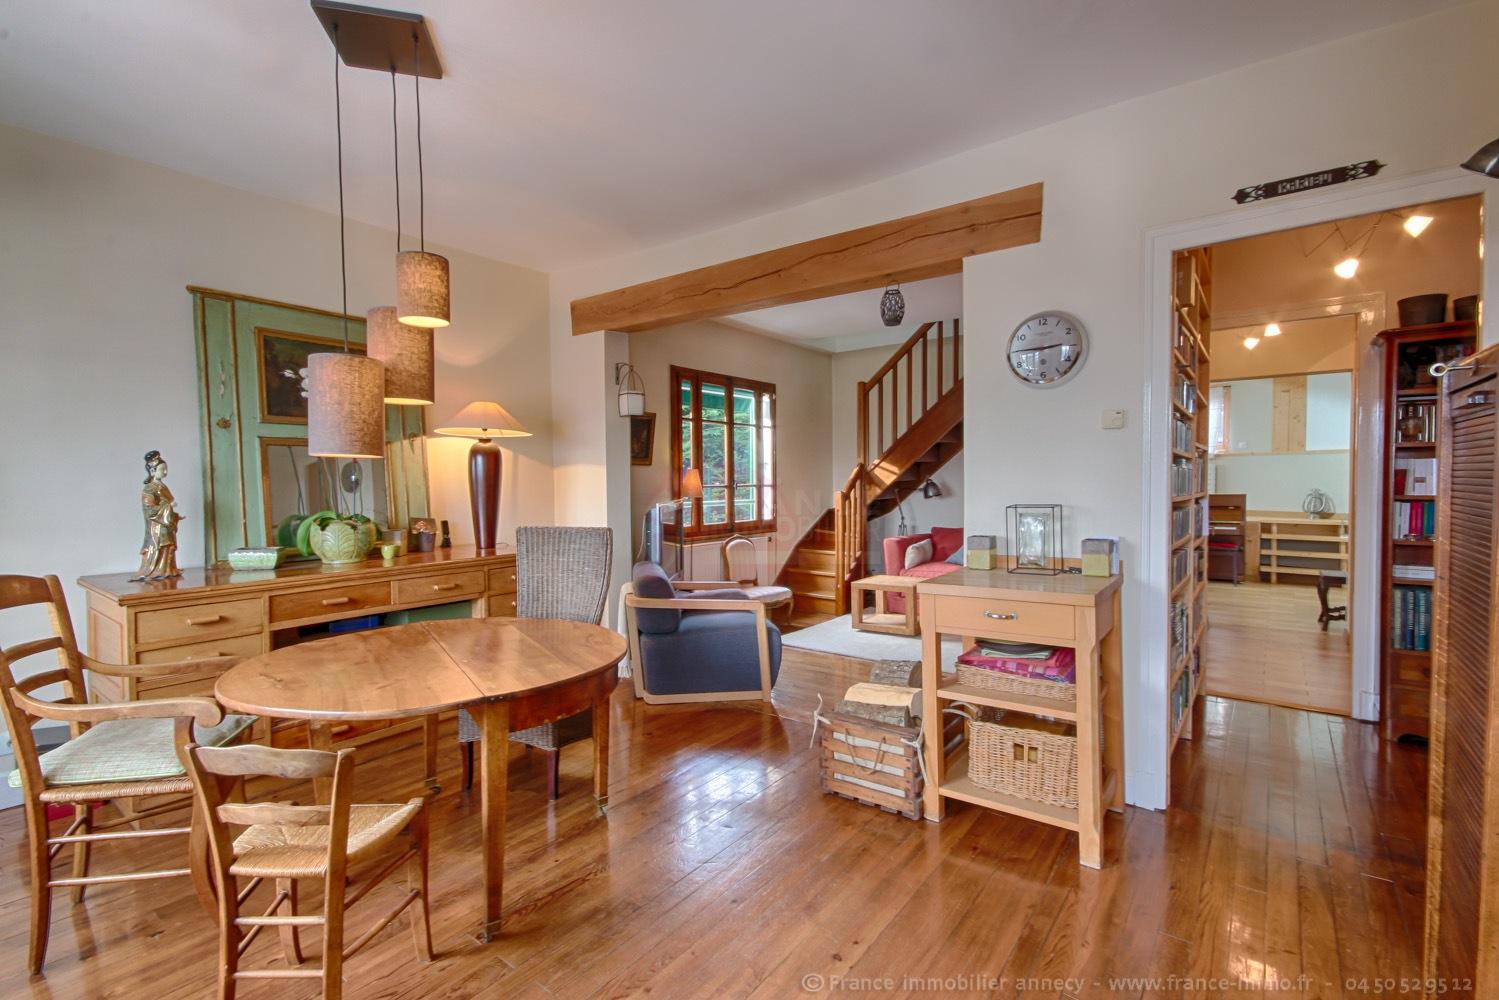 vente maison poisy 74330 152m avec 6 pi ce s dont 4. Black Bedroom Furniture Sets. Home Design Ideas